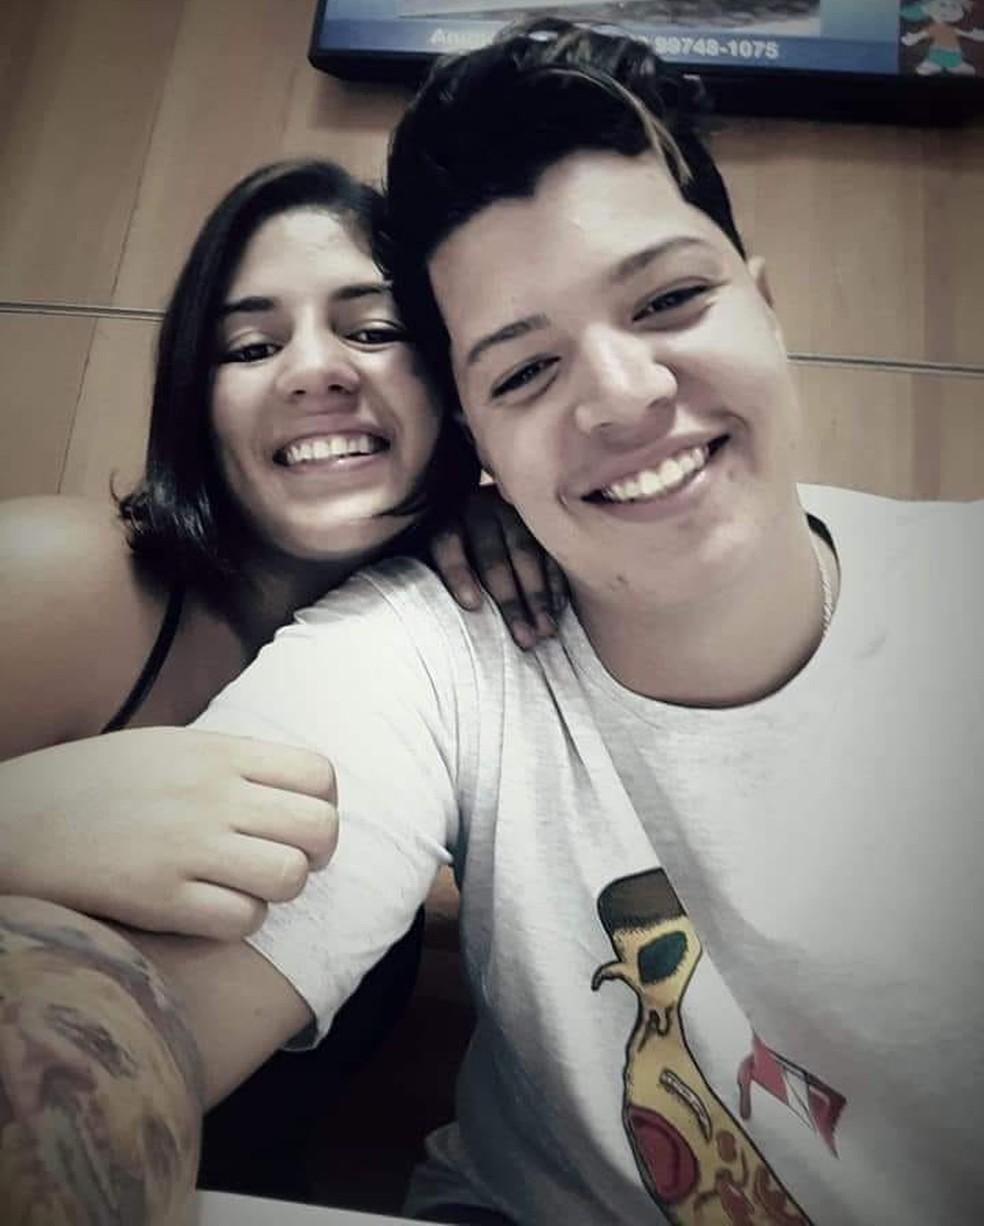 Casal foi morto neste domingo em Macaé, no RJ — Foto: Reprodução/Facebook